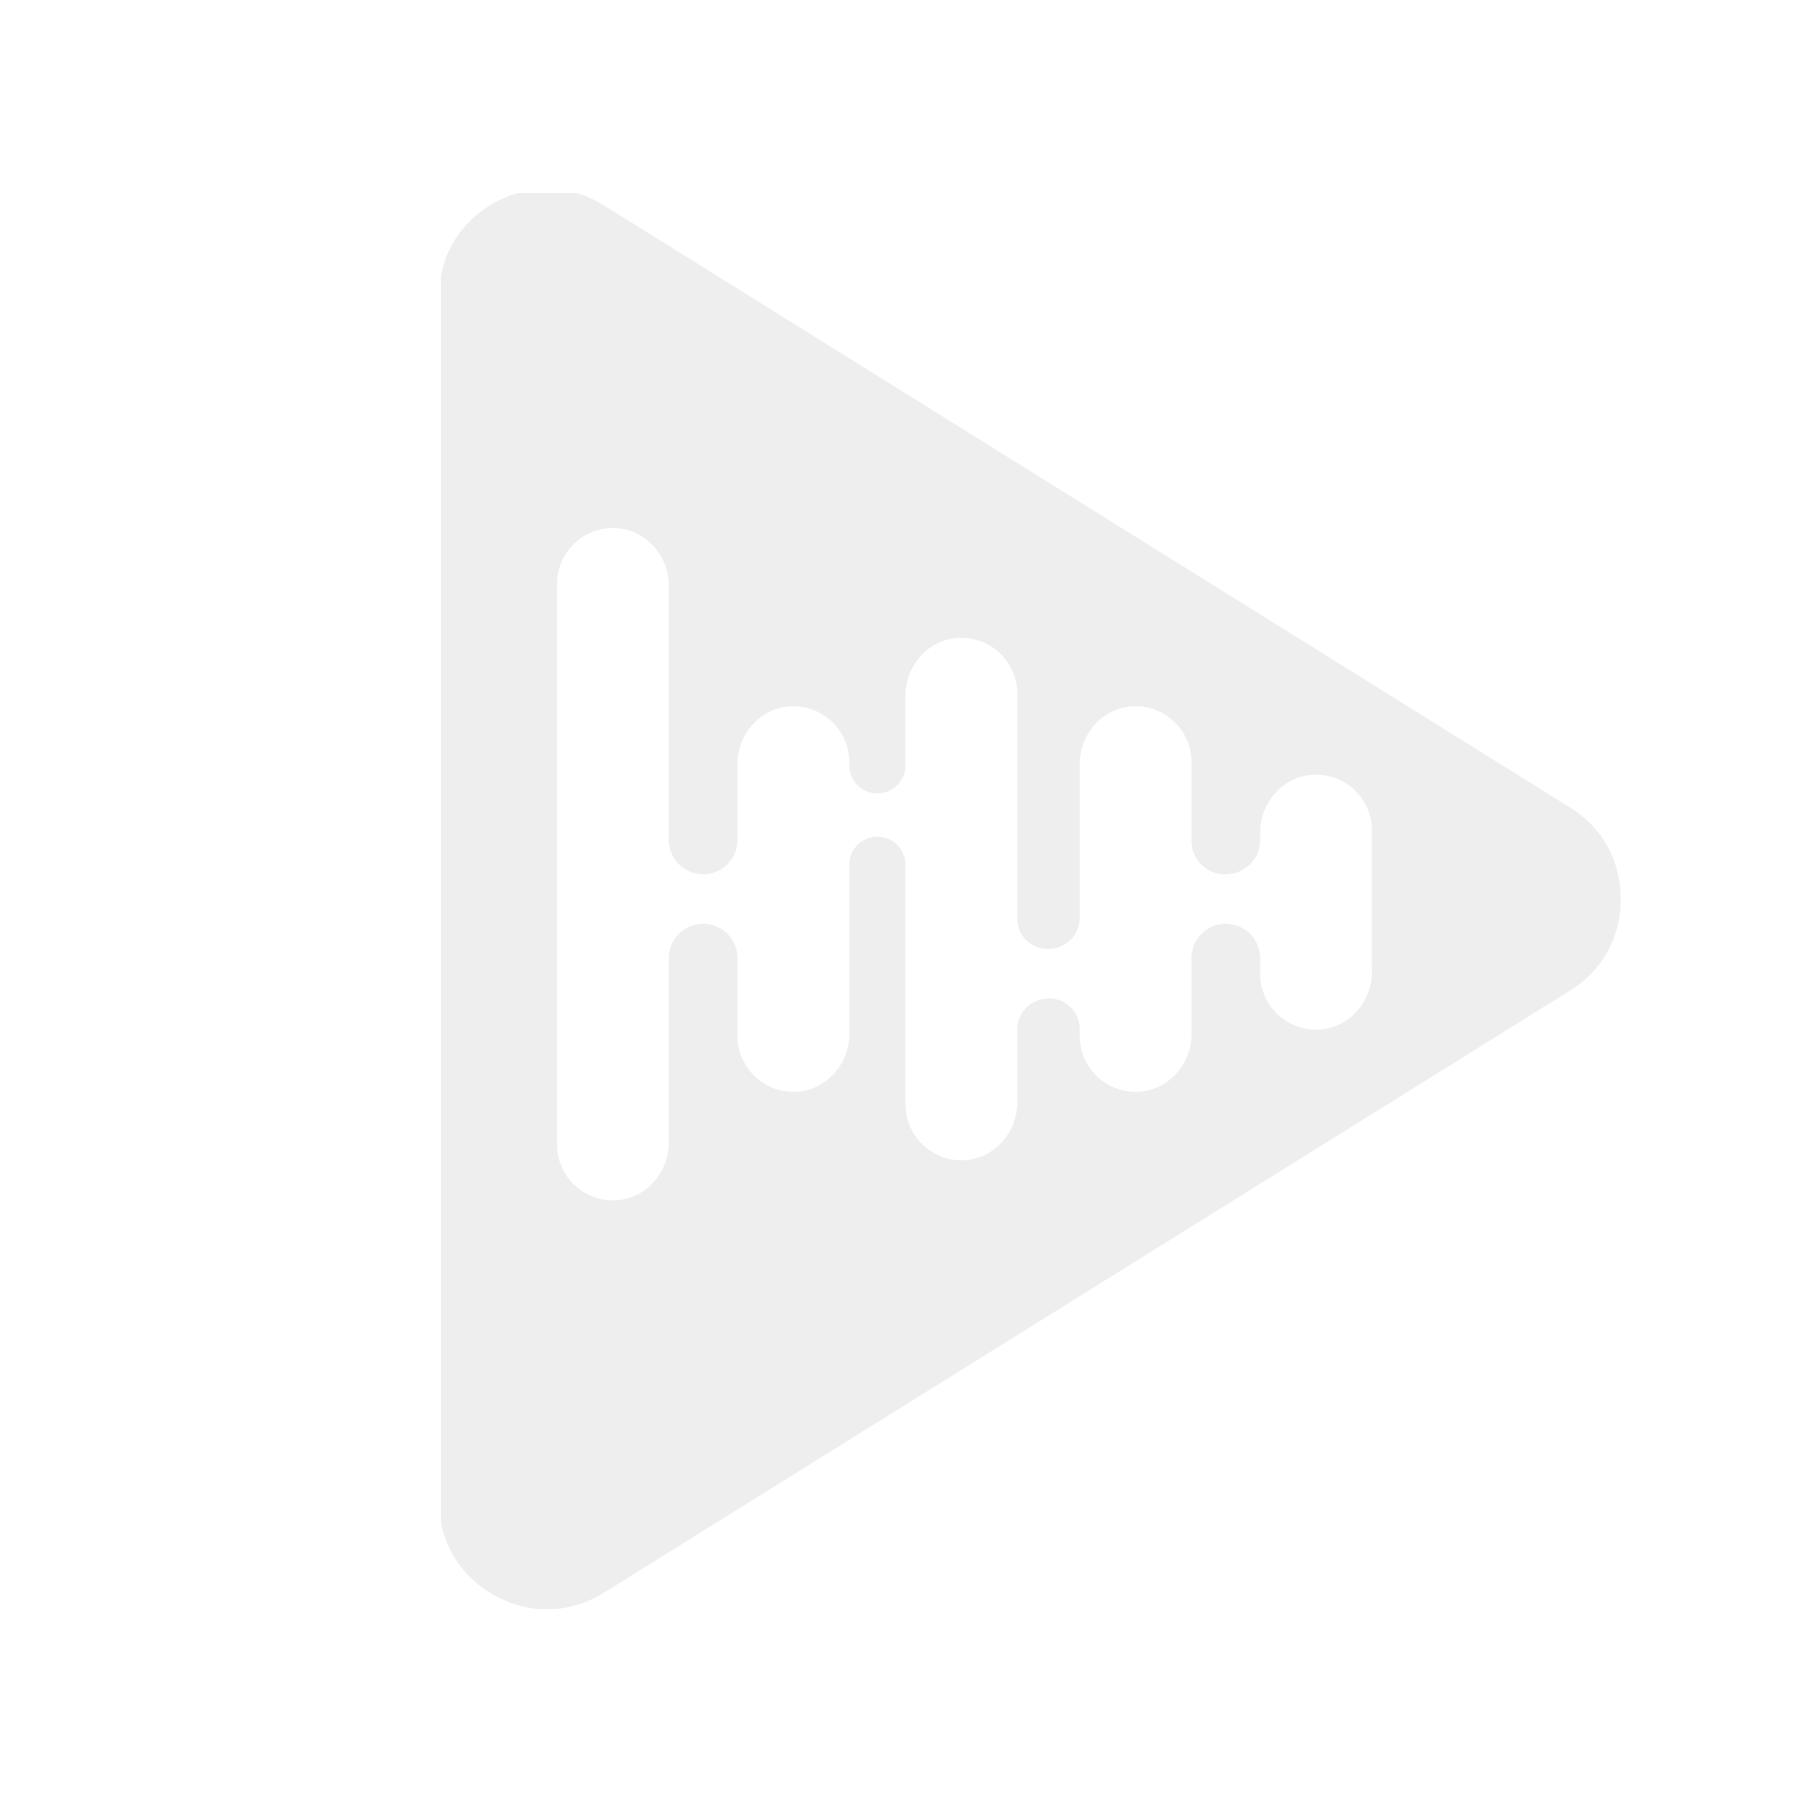 Zapco HDSP-Z16 V AP